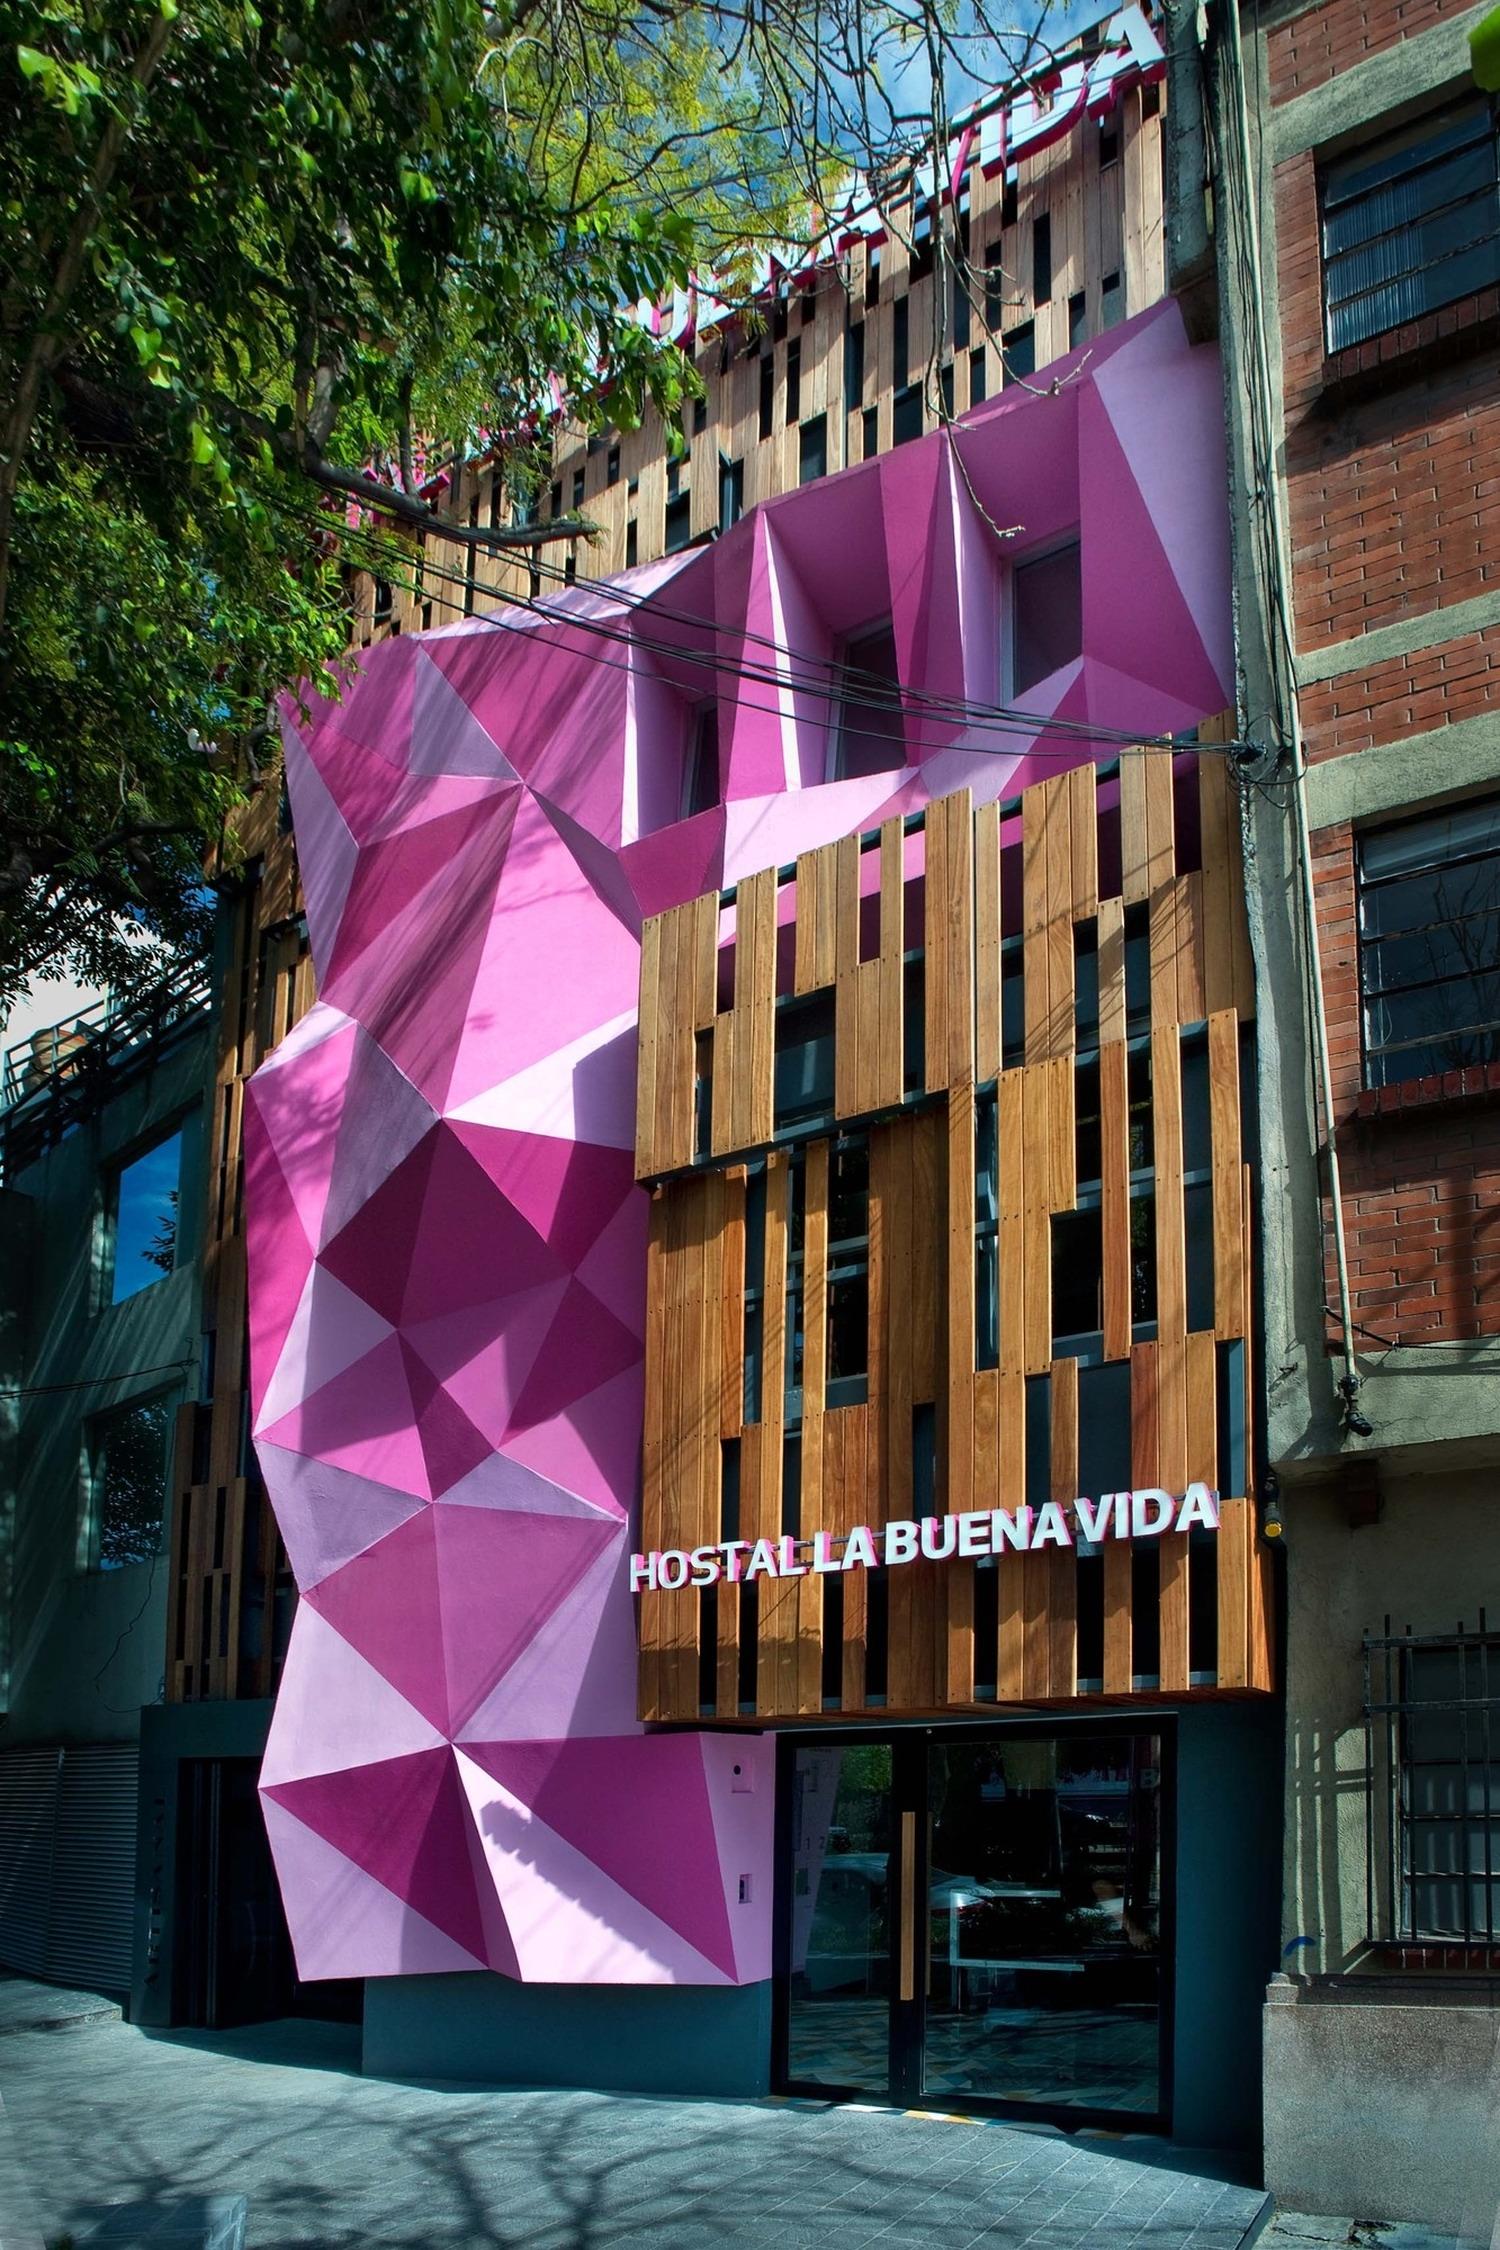 Hostel la buena vida by arco arquitectura contempor nea for Arquitectura contemporanea